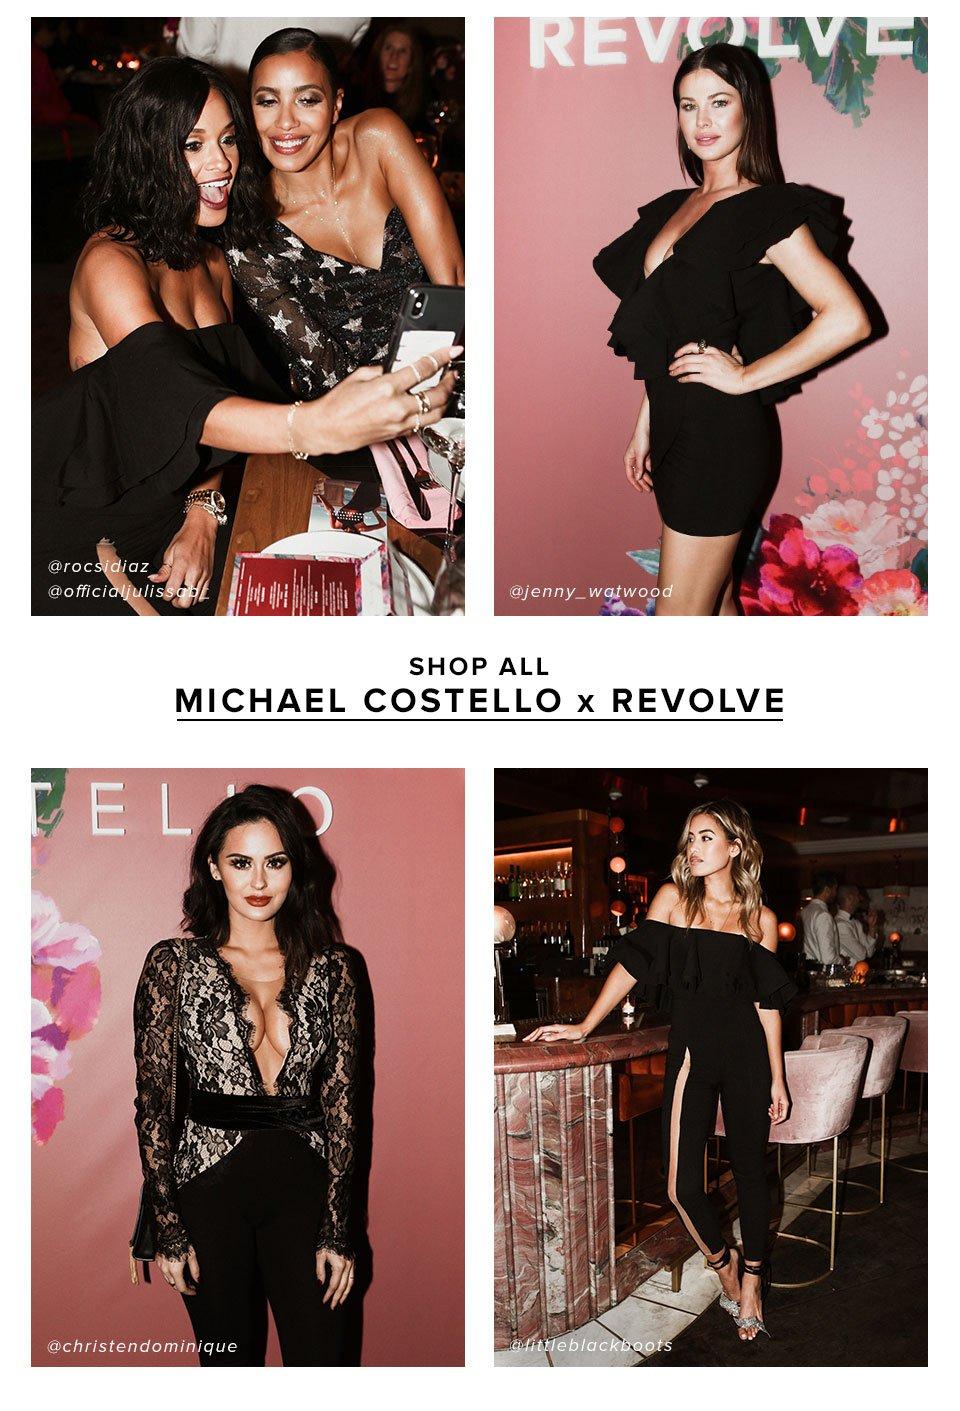 Shop all Michael Costello x REVOLVE